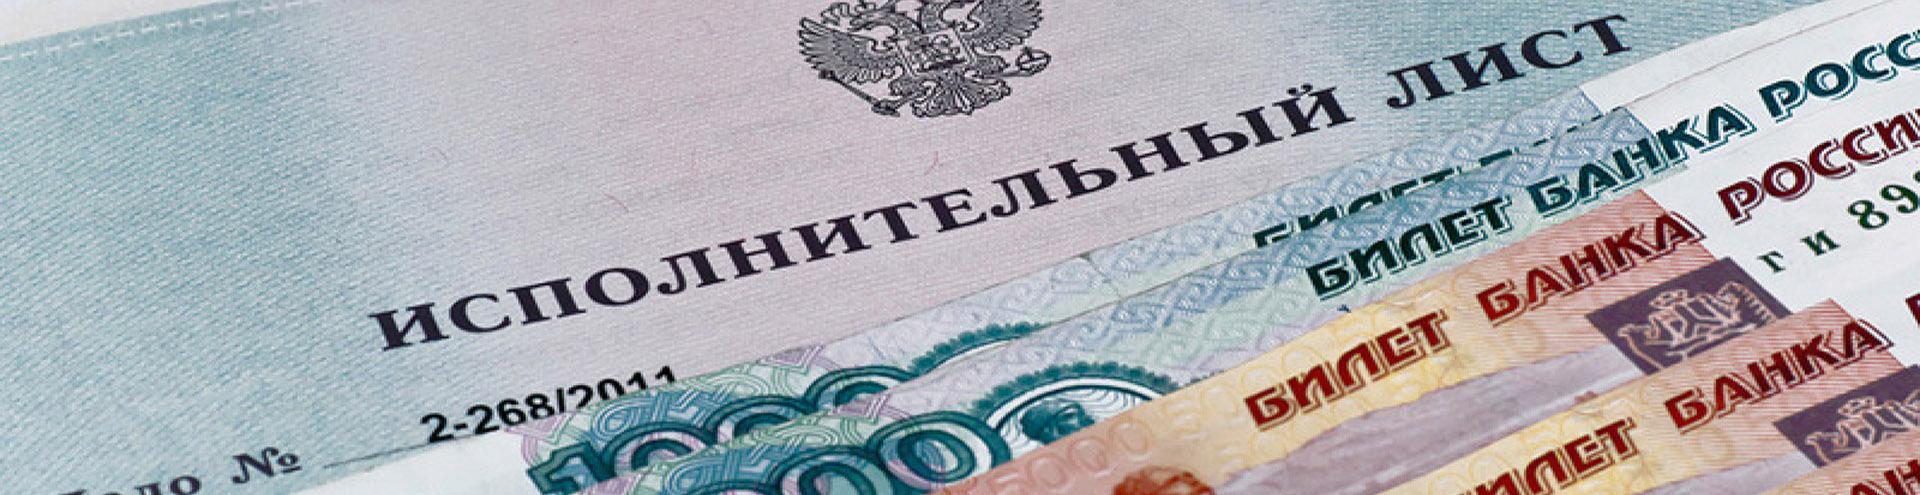 исполнительное производство в Санкт-Петербурге (СПБ) и Ленинградской области